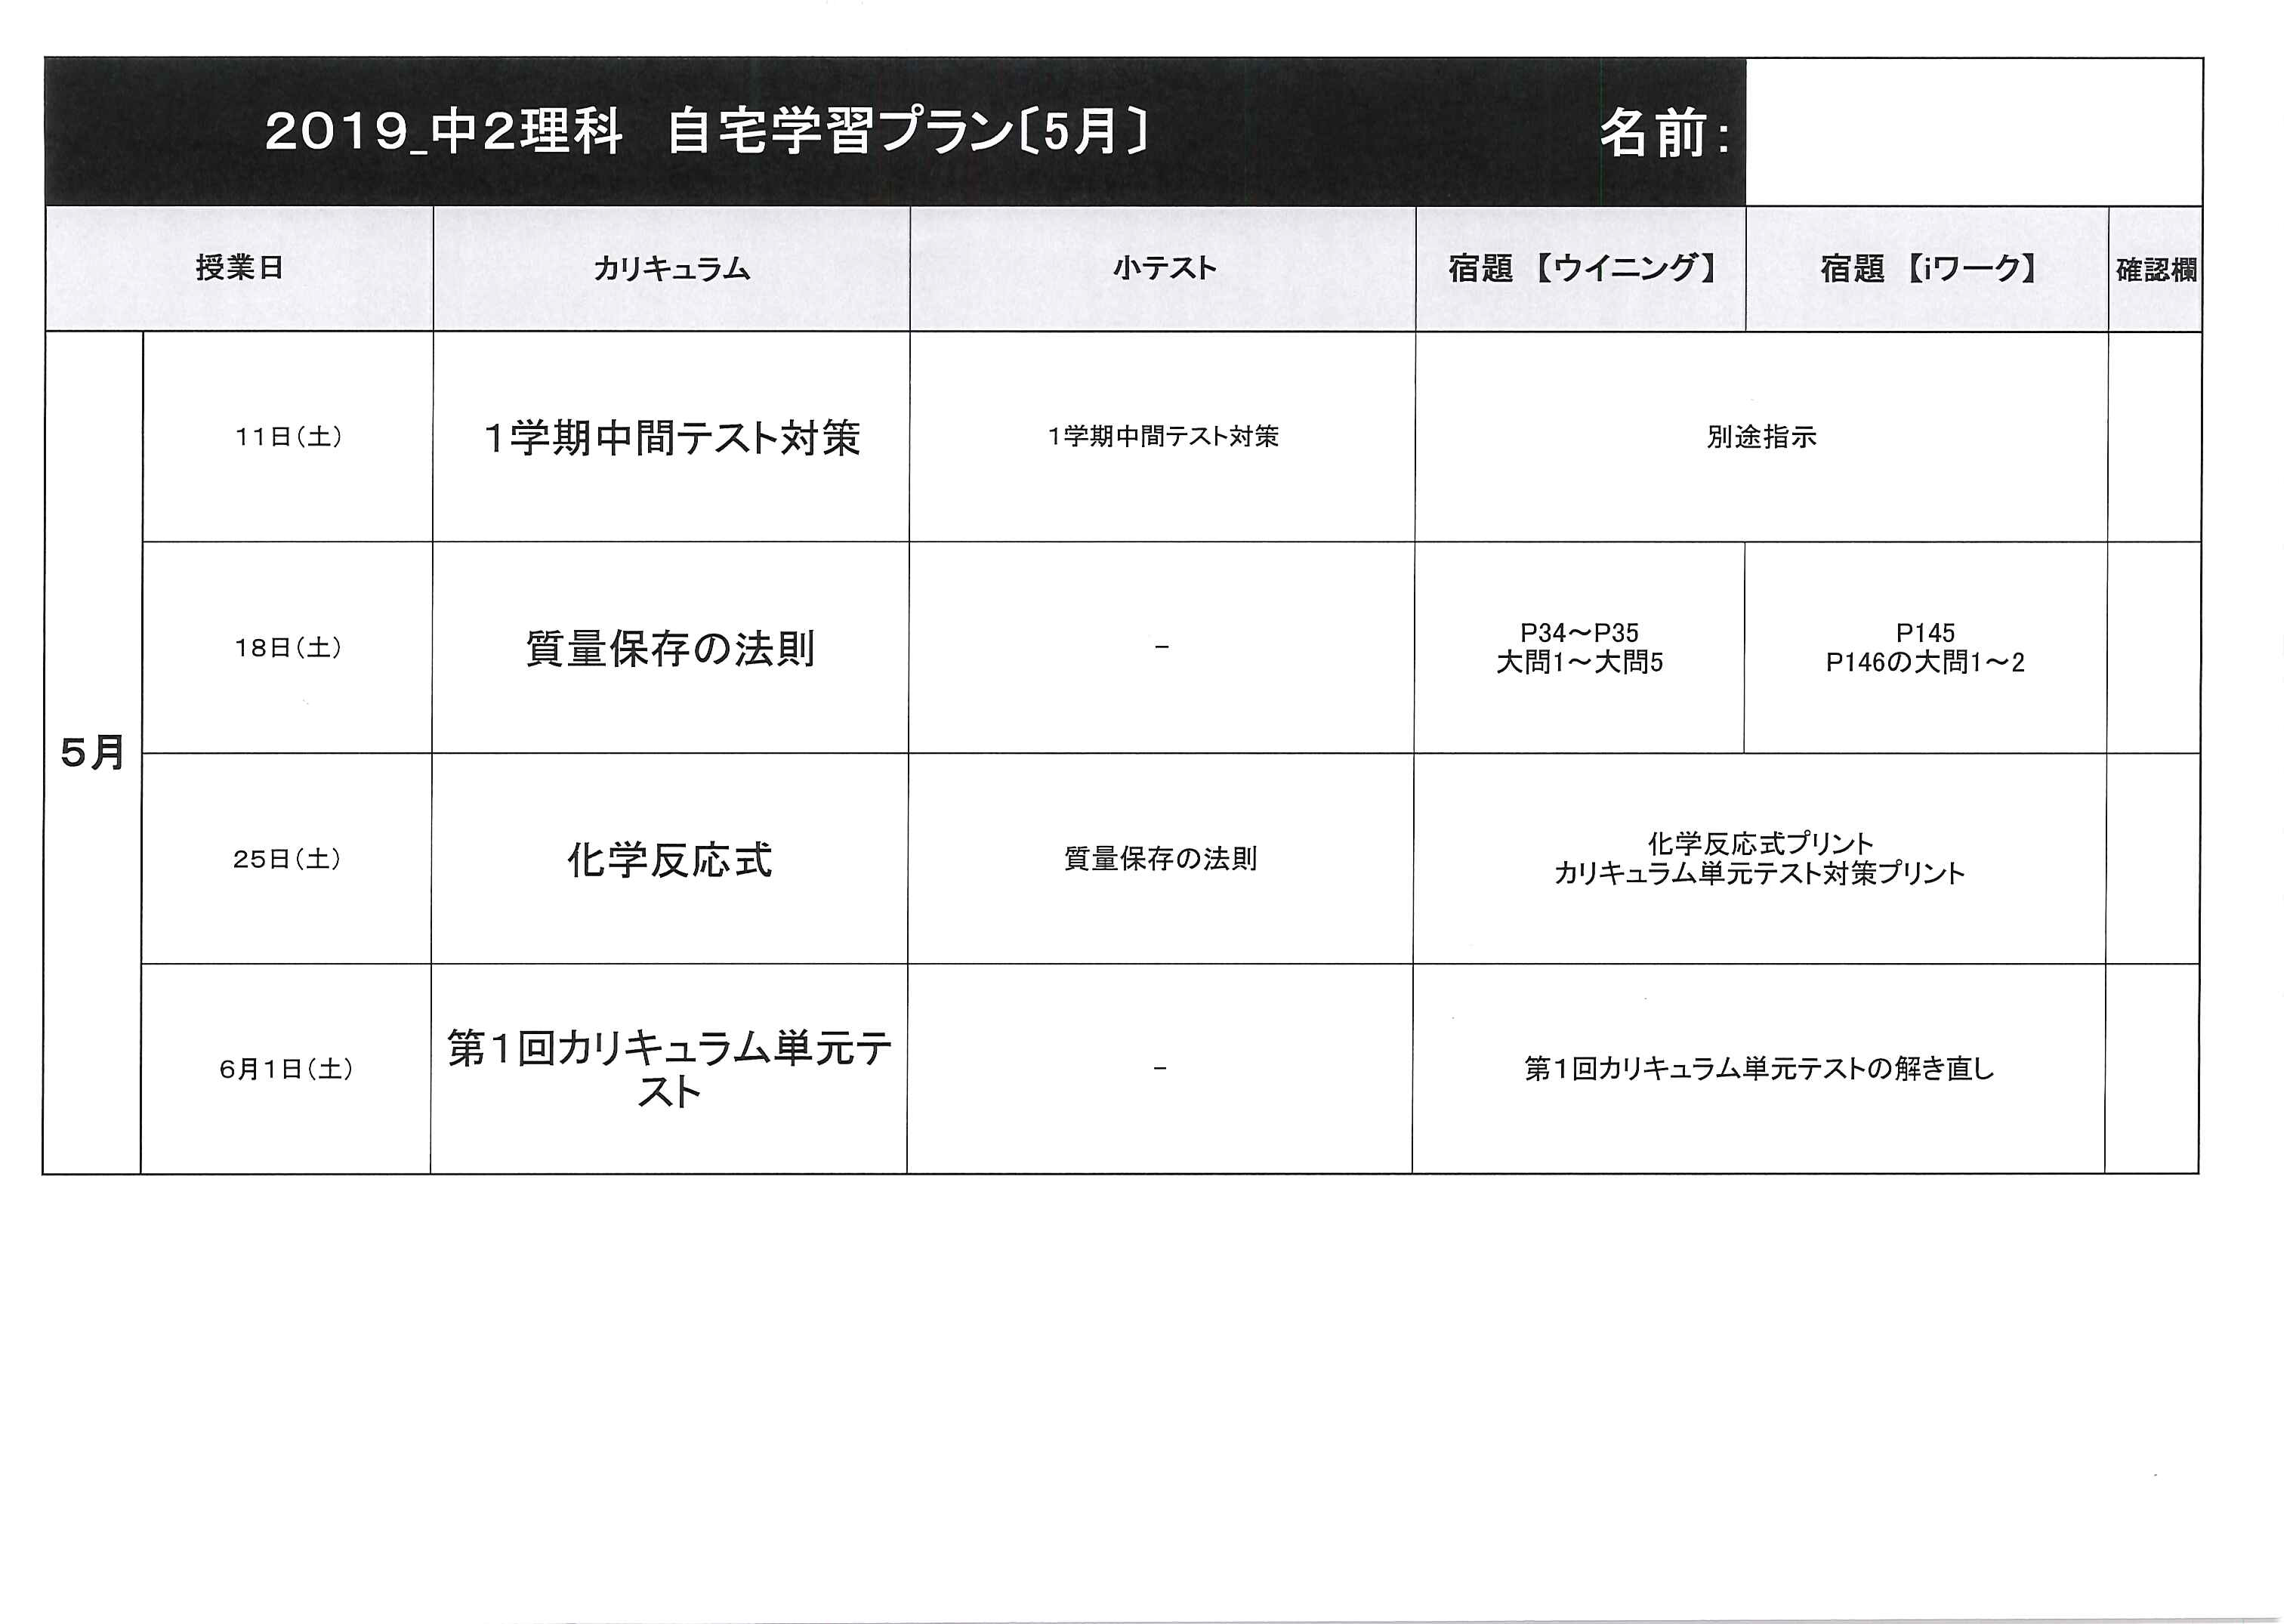 2019年5月中学生宿題小テスト表【HP用⑦】.png